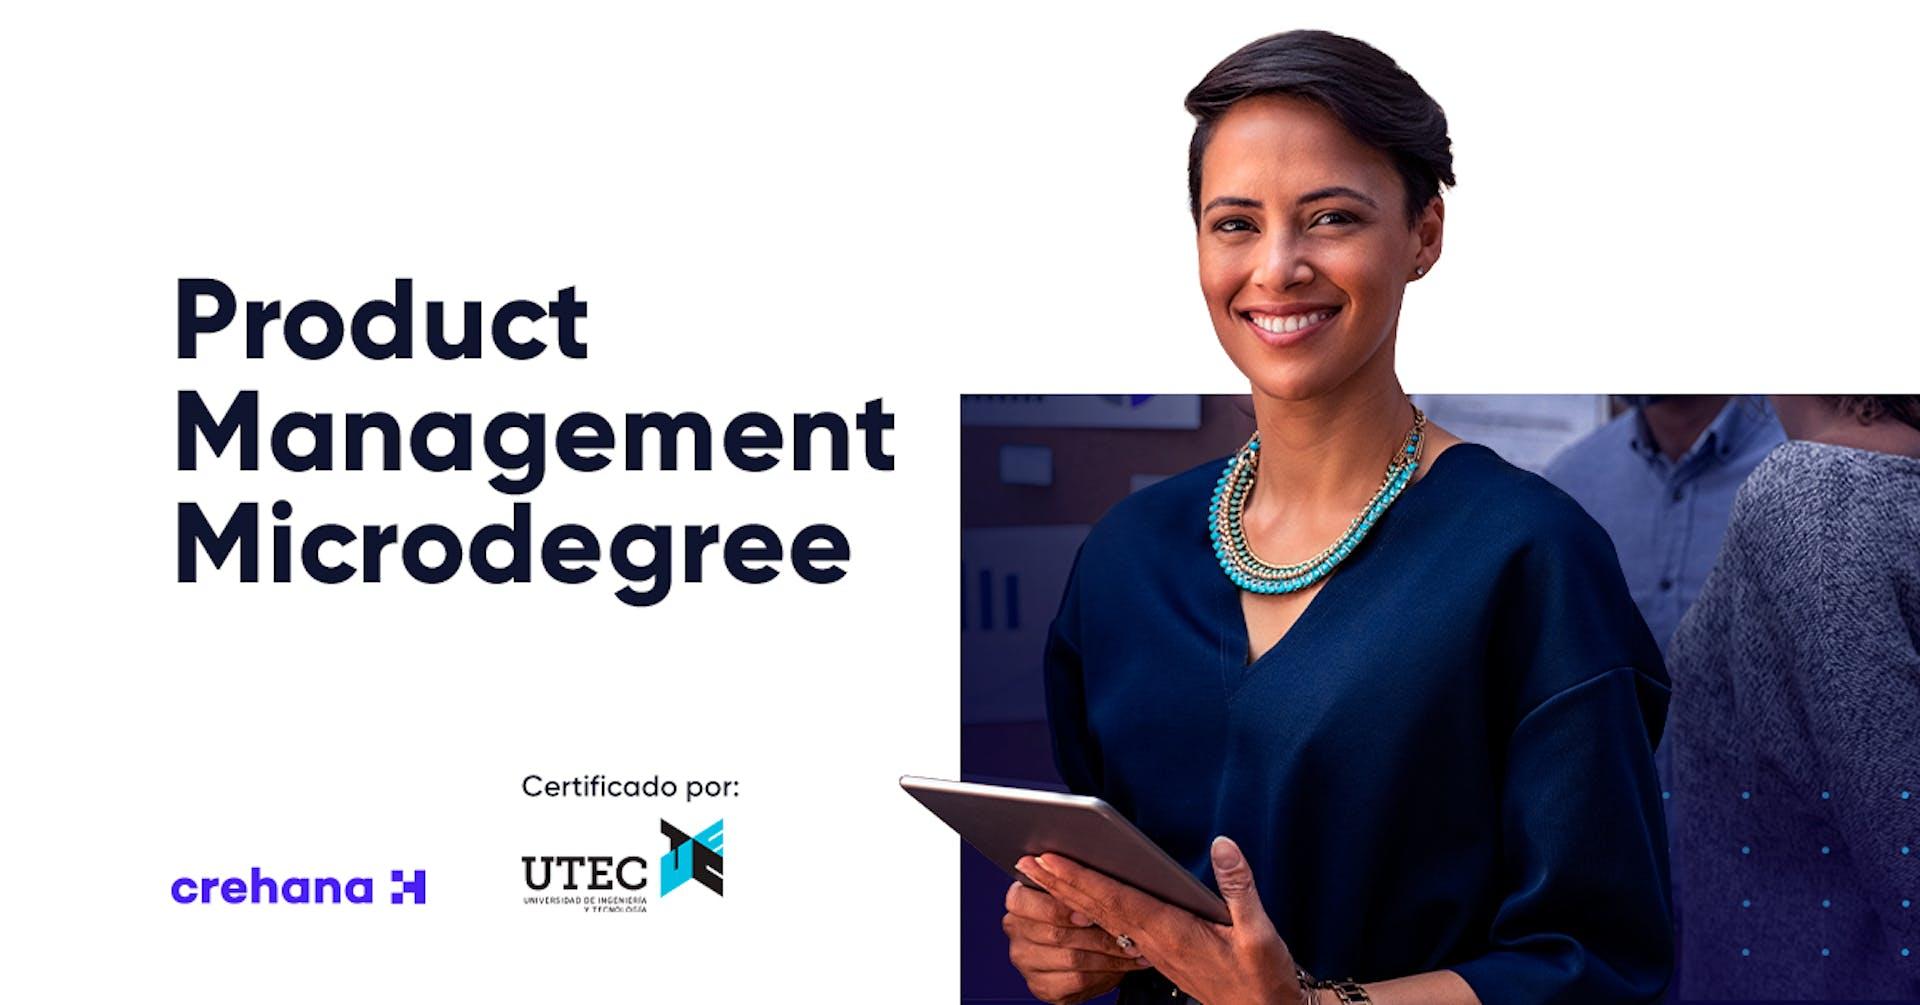 Gana una de las 10 becas para nuestro MicroDegree en Product Management